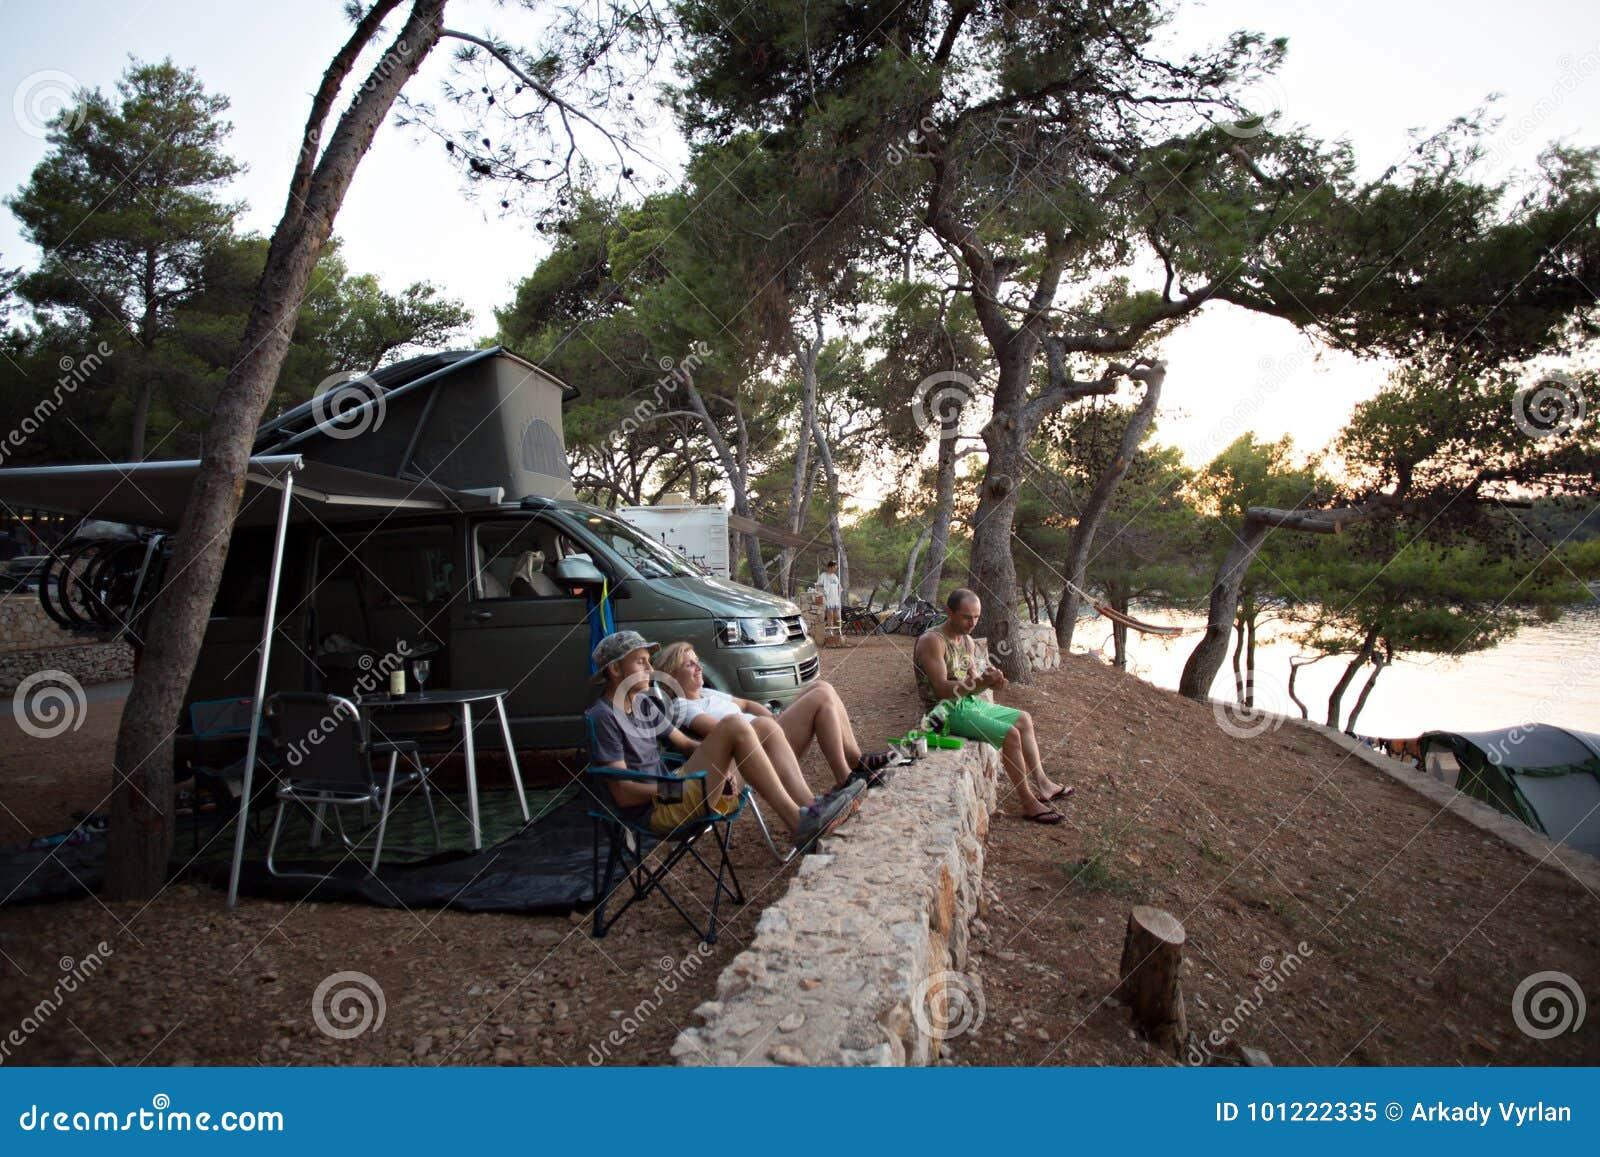 Familierust in bos naast het kamperen bestelwagen